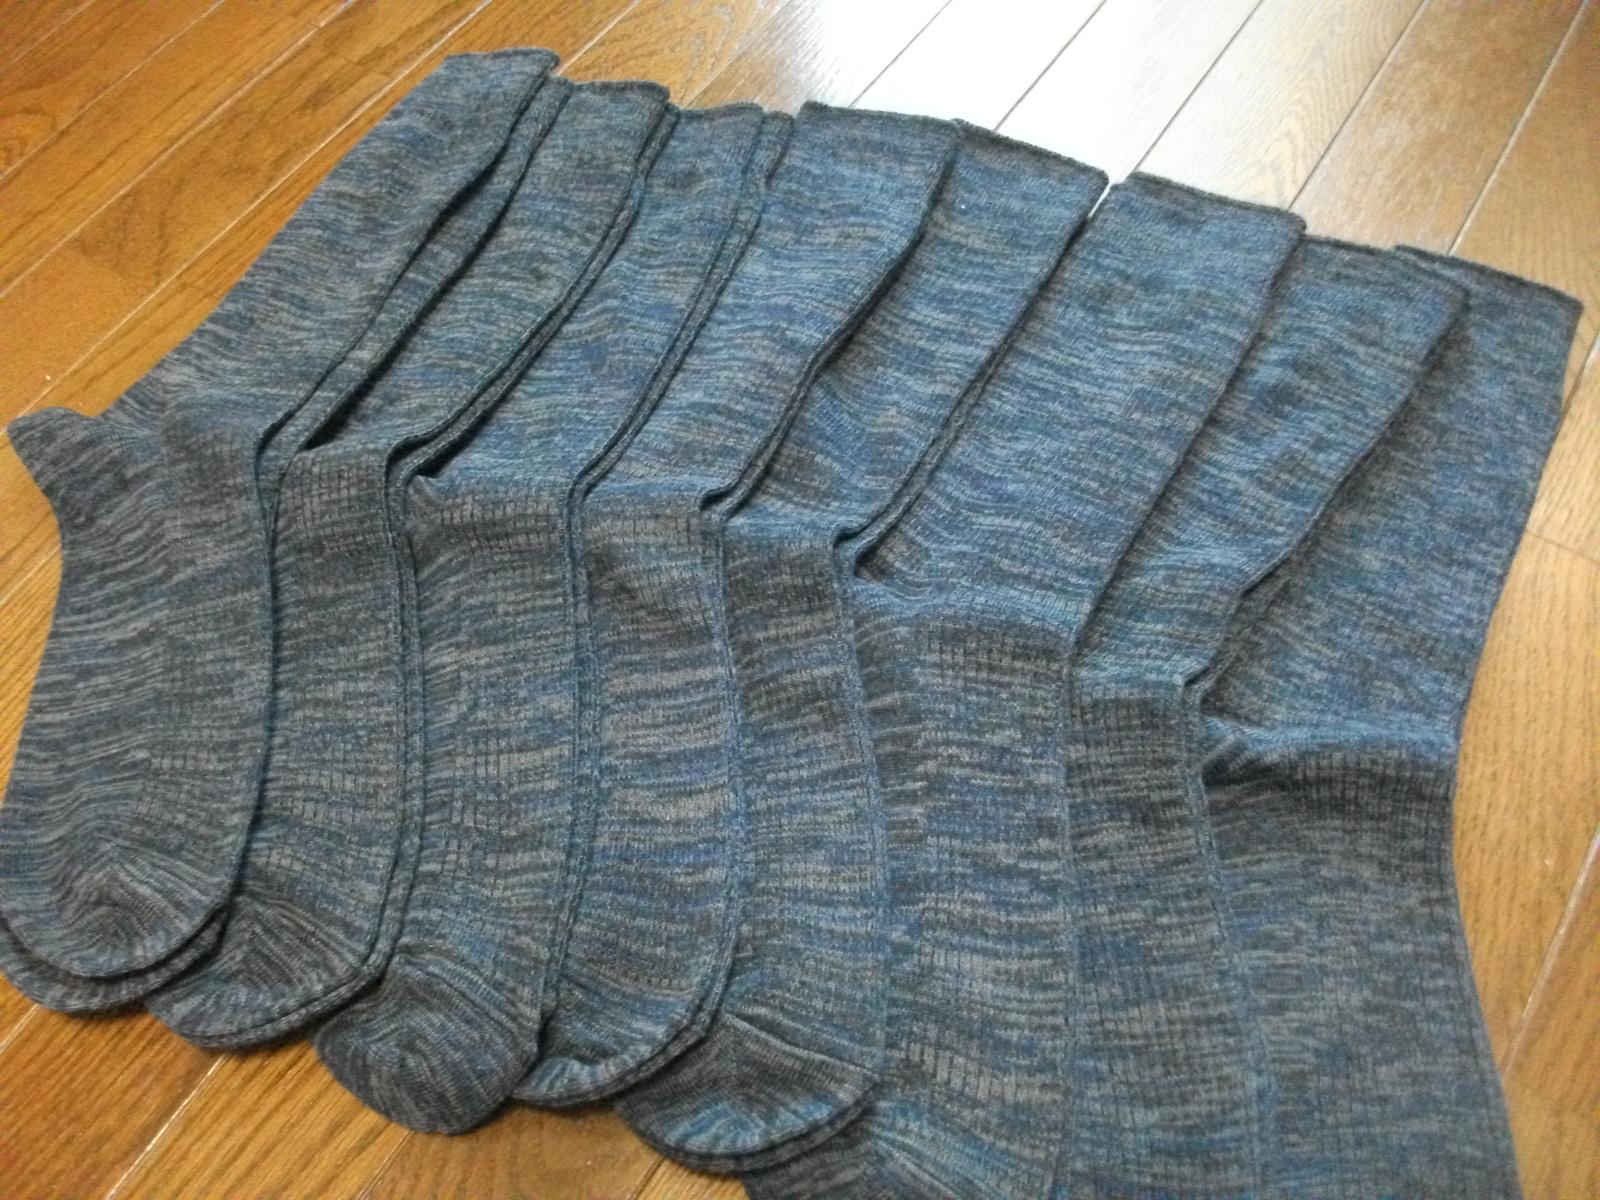 靴下を揃えるのが面倒なので、靴下をまったく同じものにしました